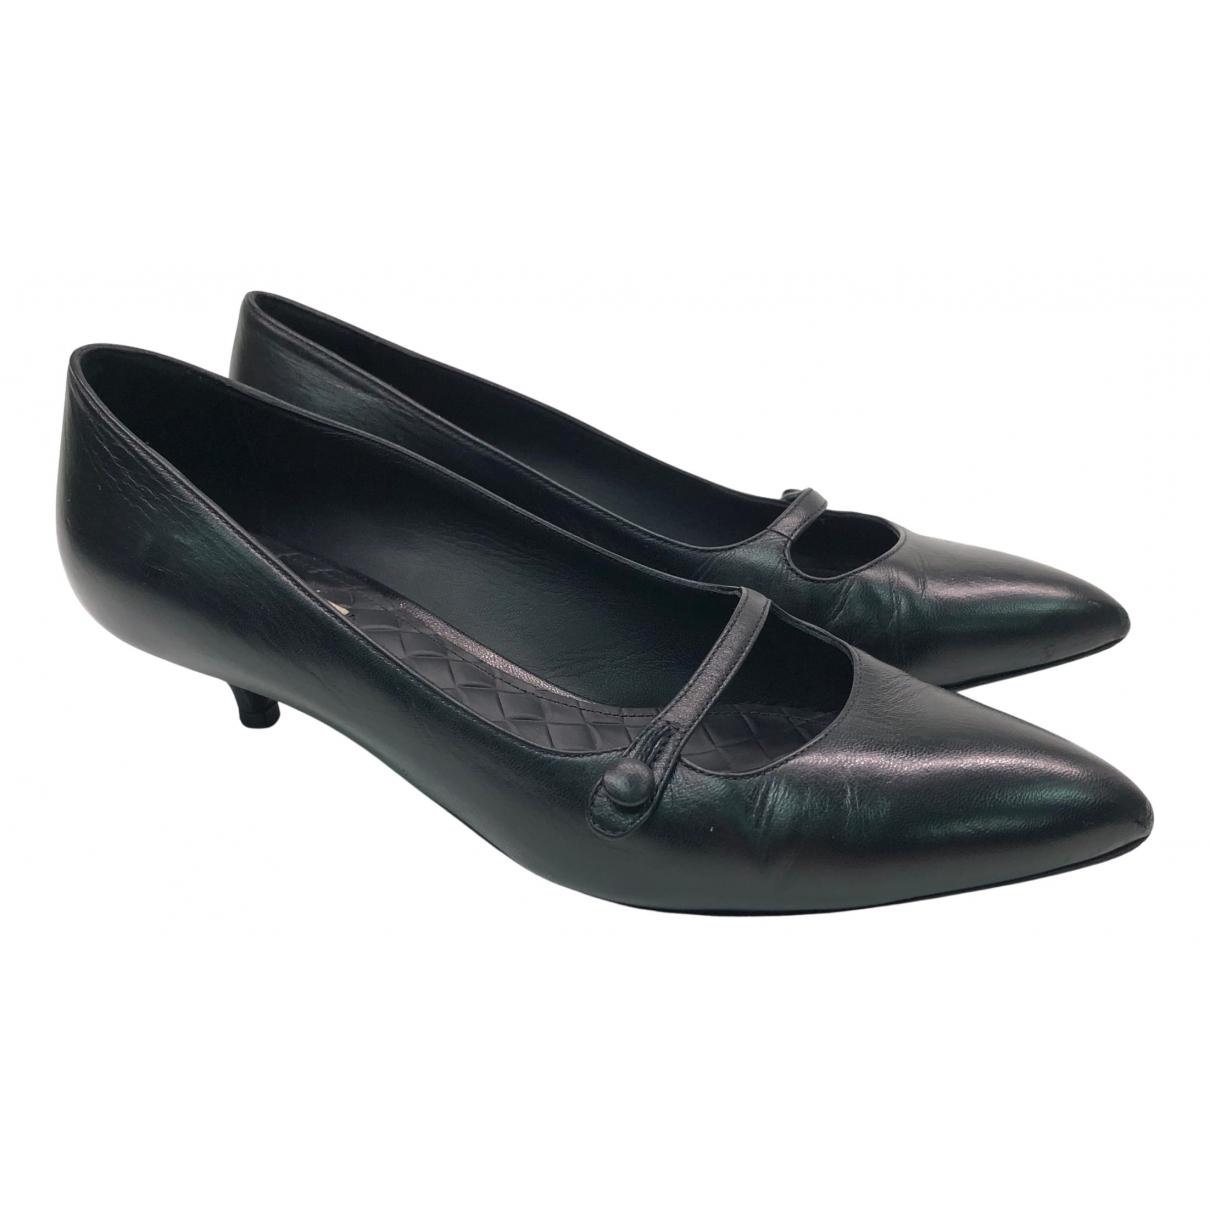 Bottega Veneta N Black Leather Heels for Women 35.5 EU